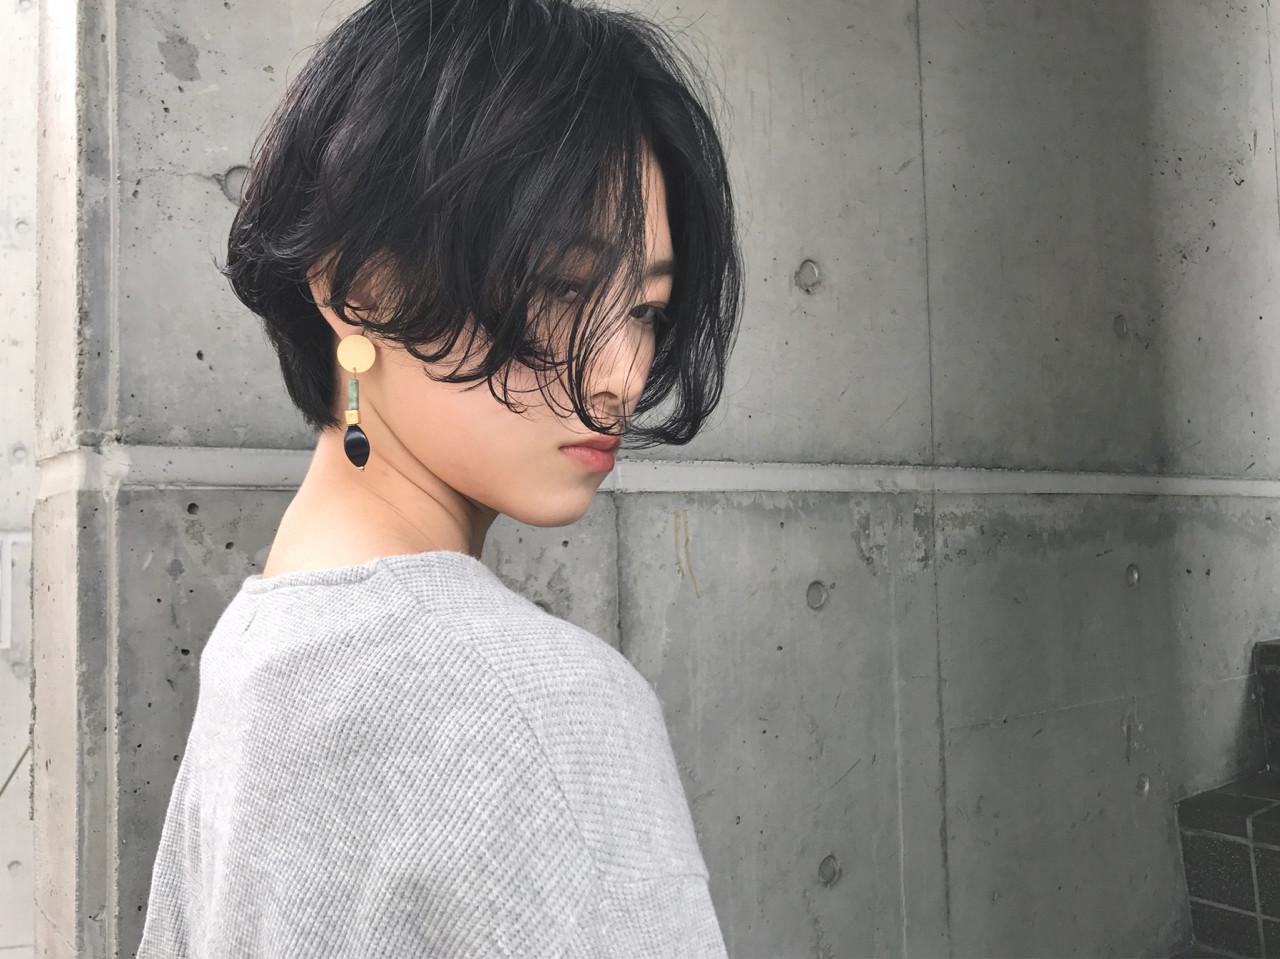 髪型に迷ったら、こなれ黒髪に挑戦!厳選10スタイルをご紹介♡  Daichi shimazu  hairsalon M 新宿